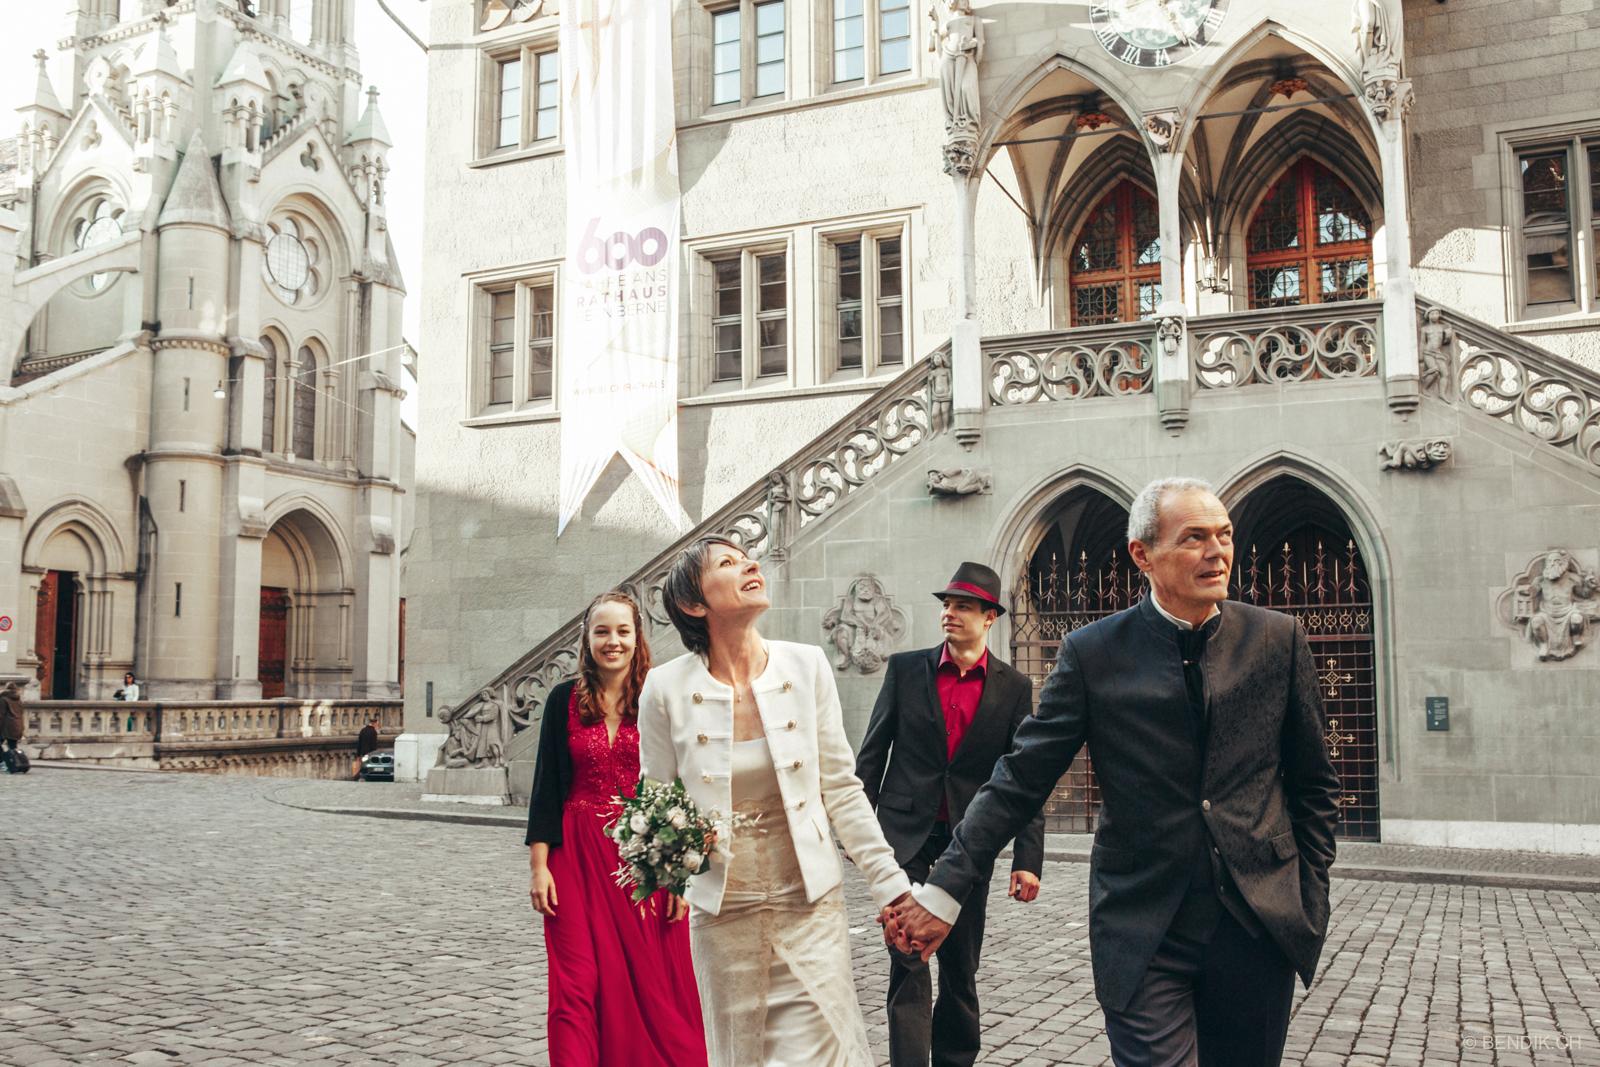 Hochzeitsgesellscgaft in der Berner Innenstadt